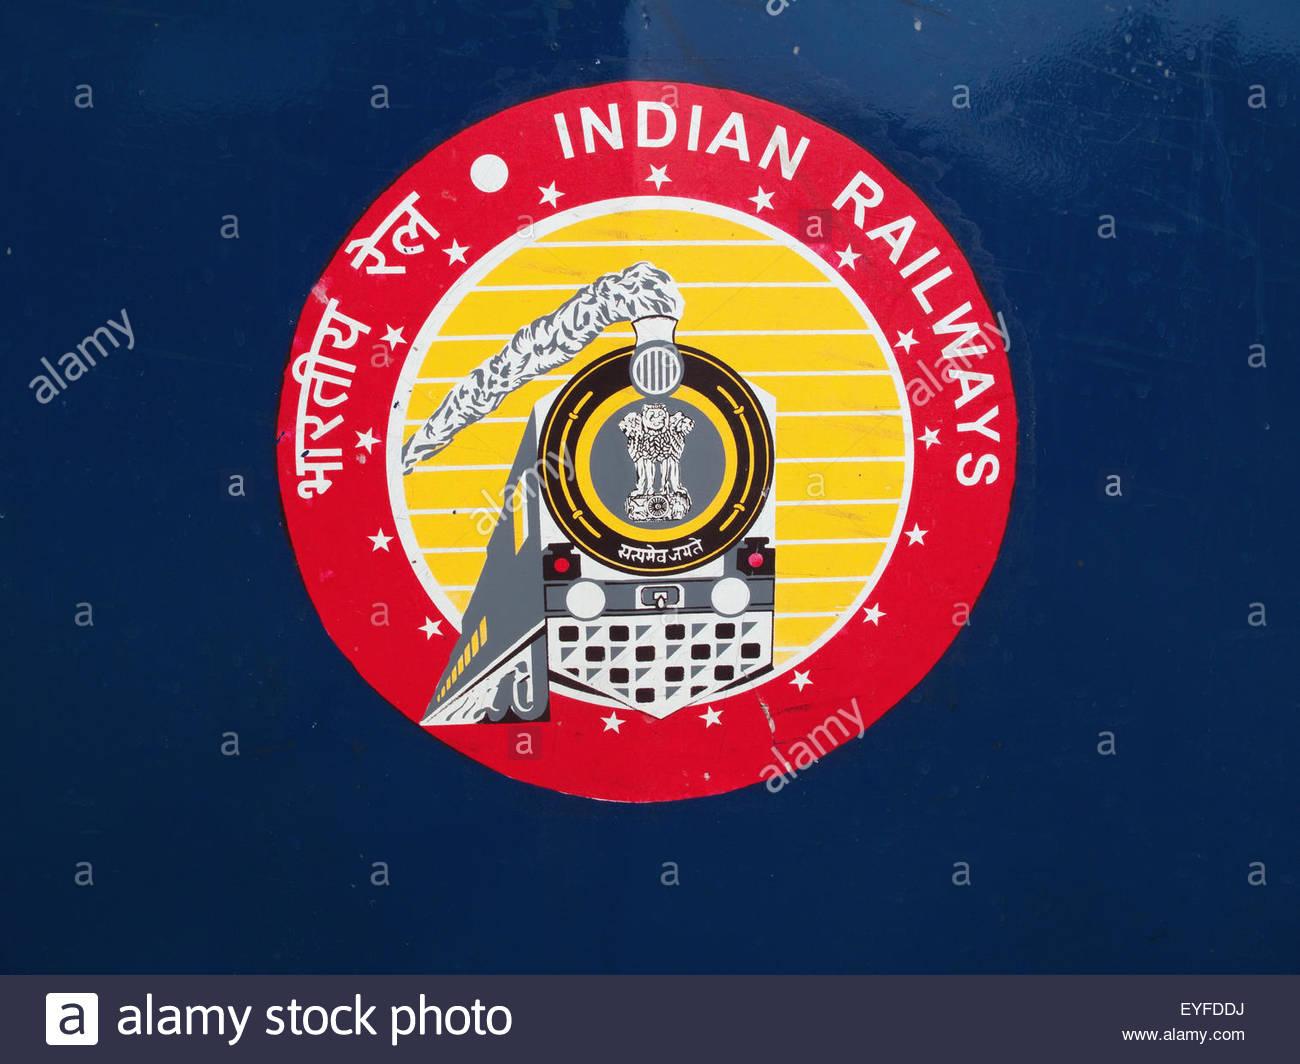 विशेष मेल/एक्सप्रेस ट्रेनों संचालन उदयपुर से